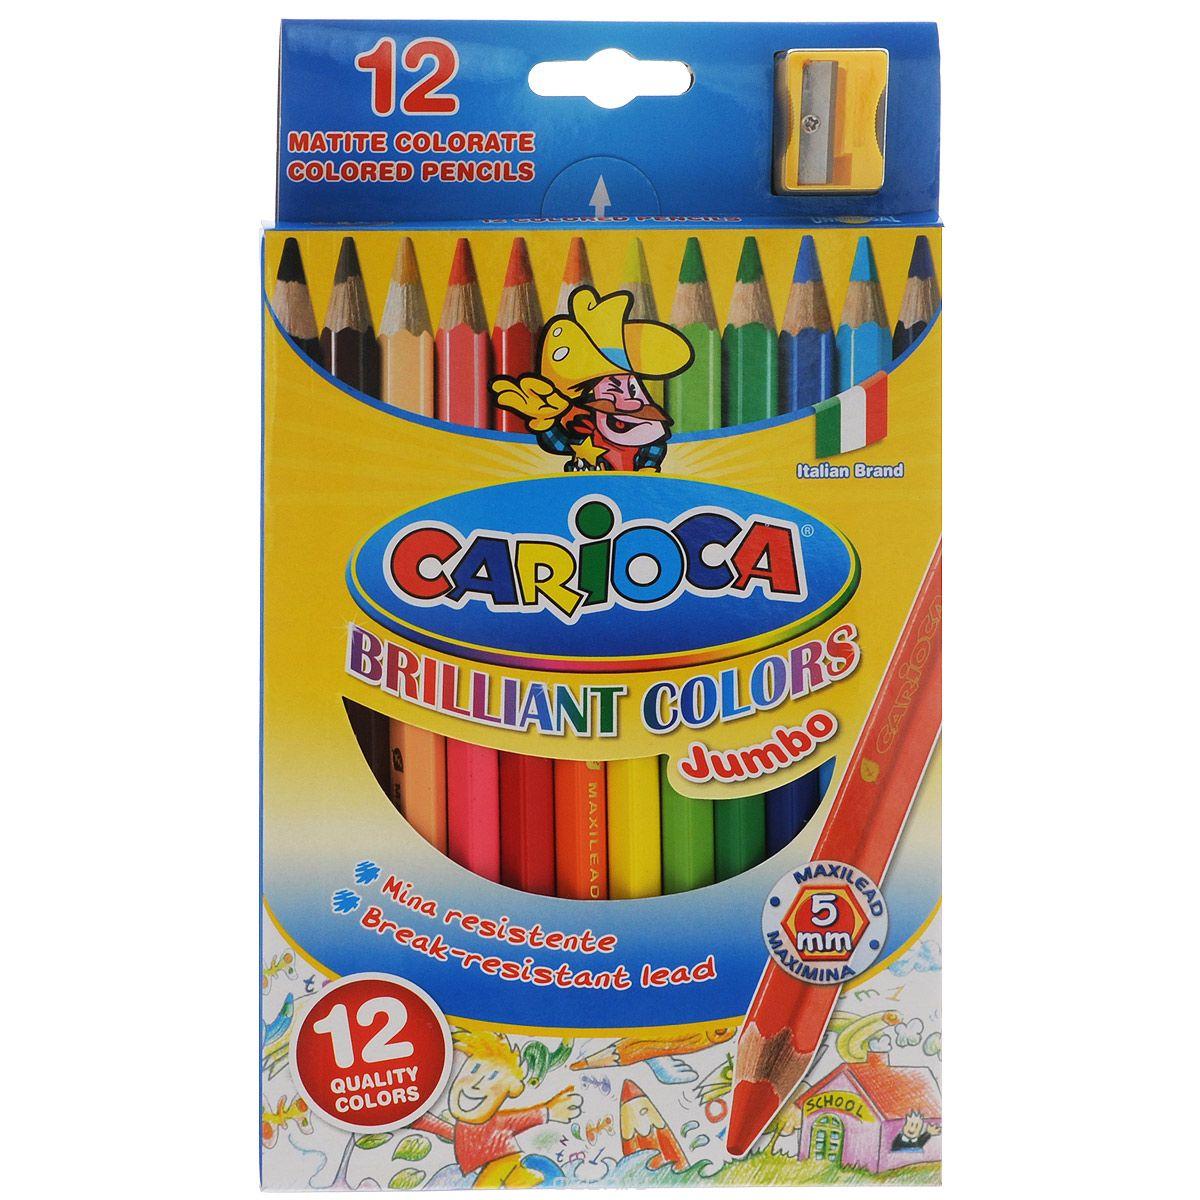 Набор цветных карандашей Carioca Jumbo с точилкой, 12 цветов72523WDЦветные карандаши Carioca Jumbo, непременно, понравятся вашему юному художнику.Набор включает в себя 12 ярких насыщенных цветных карандашей, которые идеально подходят для малышей. Карандаши выполнены в утолщенном деревянном корпусе и с толстым мягким грифелем.В набор также входит точилка.Порадуйте своего ребенка таким восхитительным подарком!